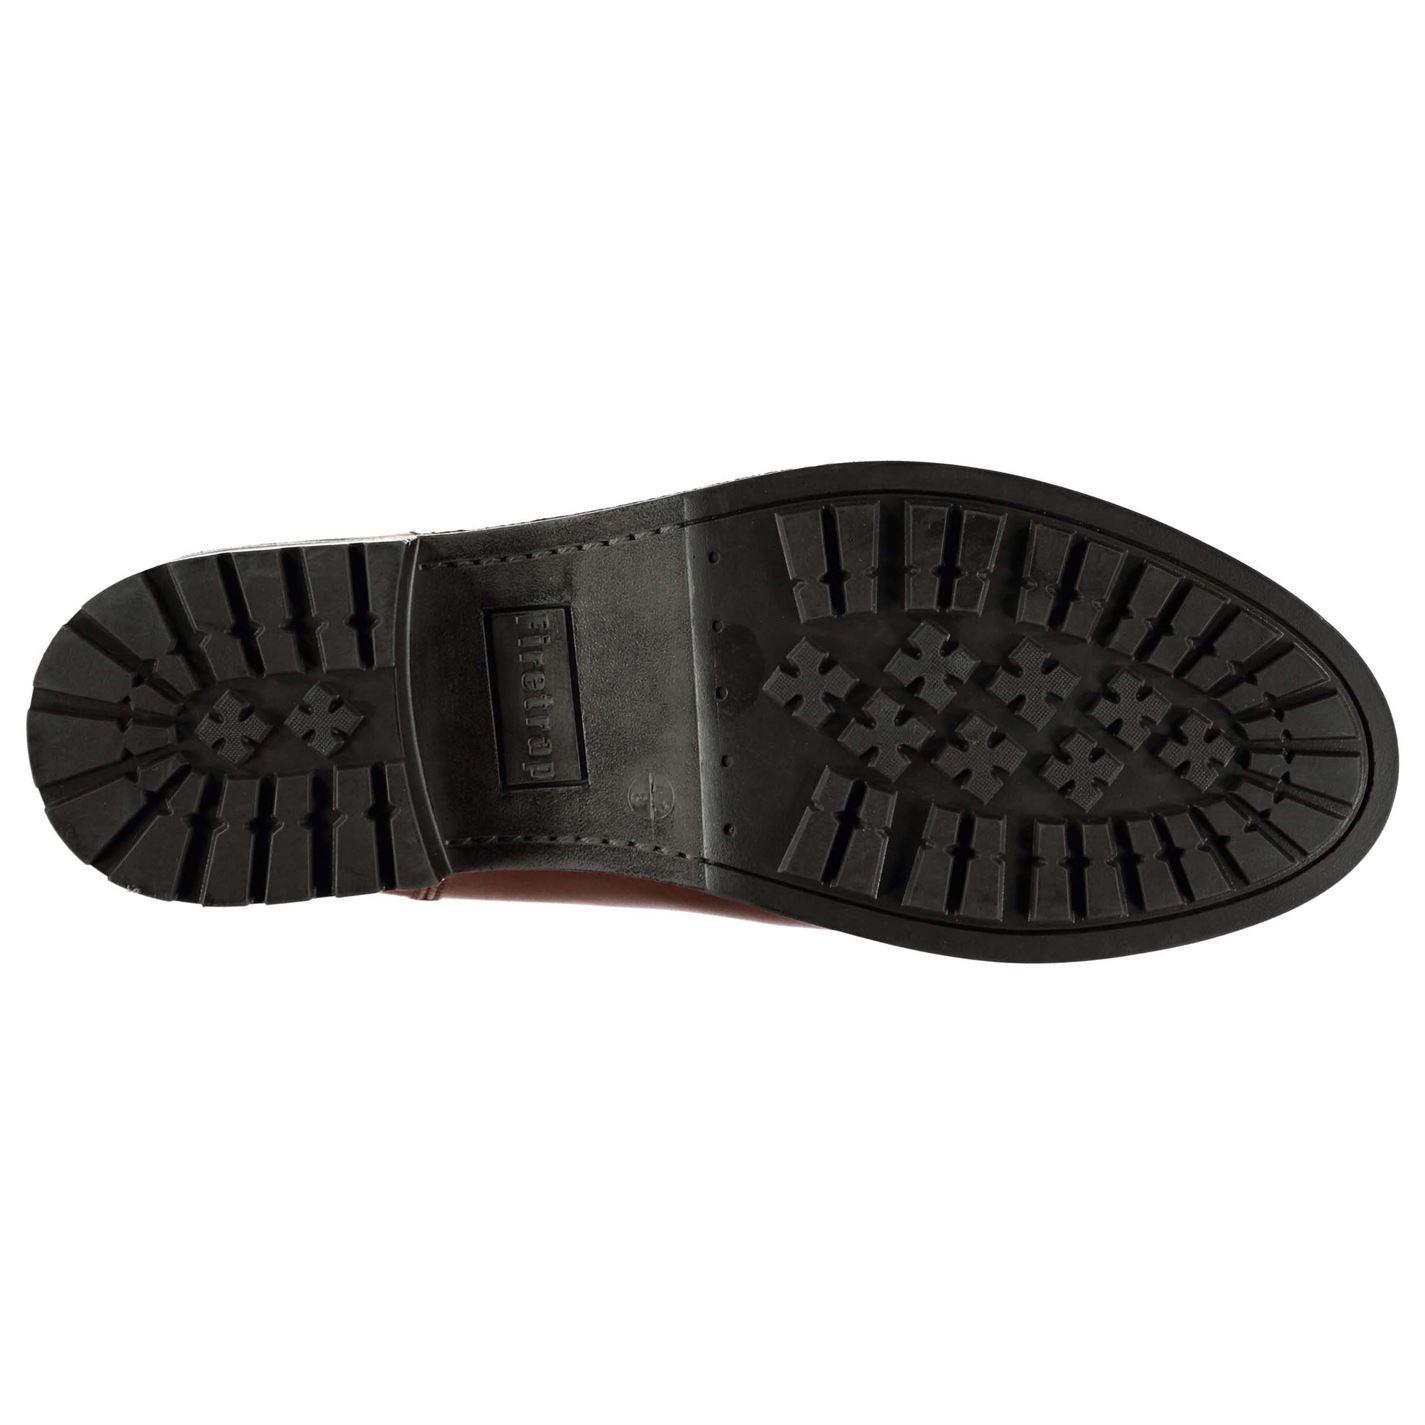 Firetrap Boots Tan Zapatos Calzado Hex Mens Gents Chelsea UwrAUq